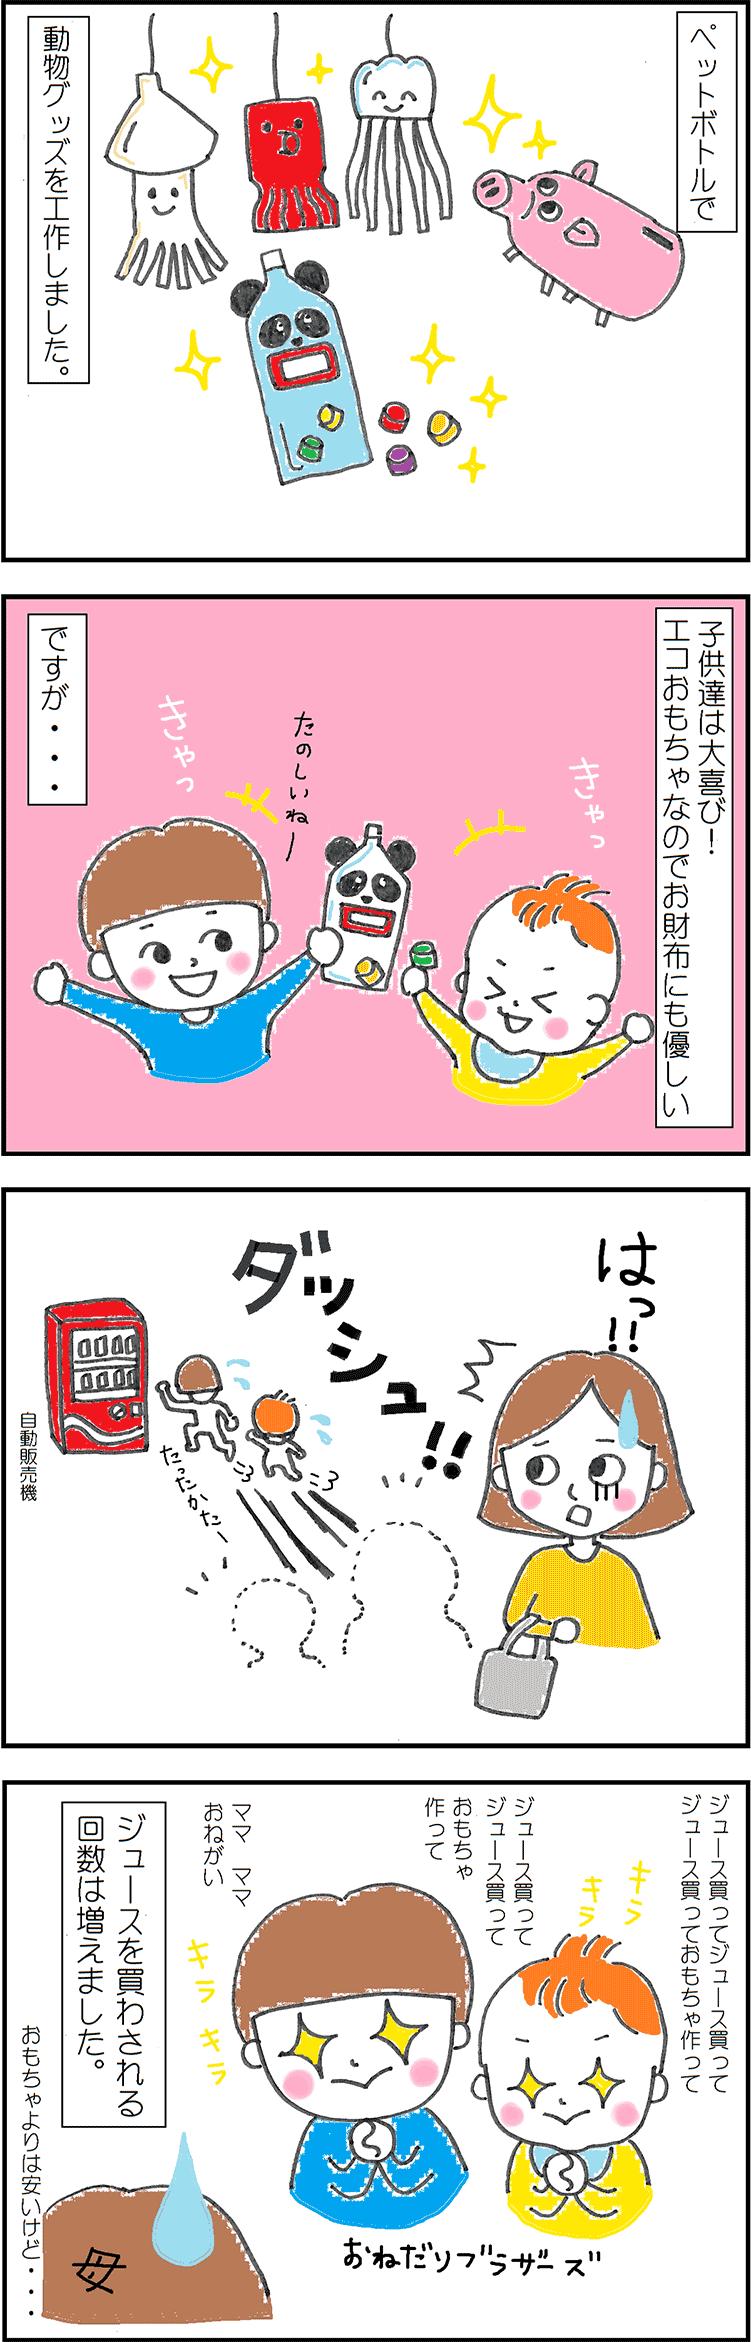 ペットボトル動物おもちゃの子育て4コマ漫画